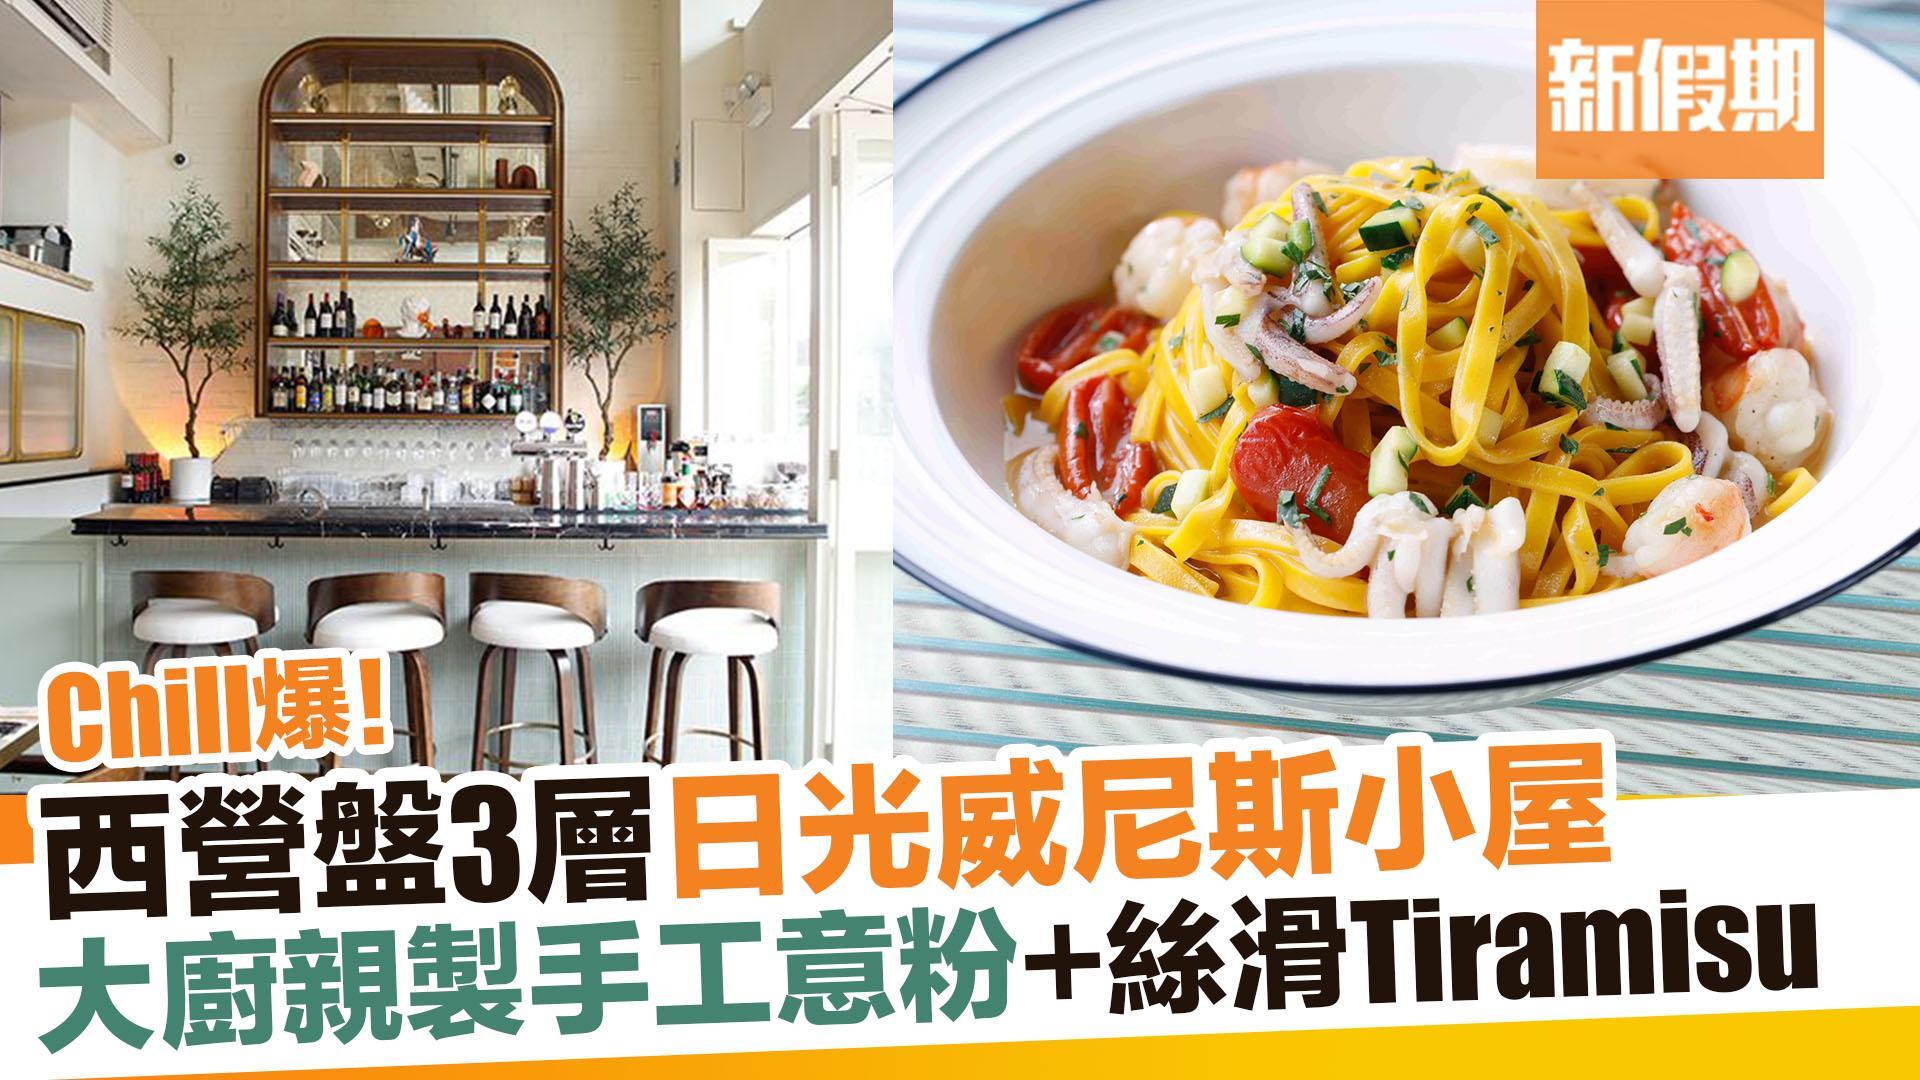 【區區搵食】西營盤Casa Cucina & Bar三層高威尼斯粉紅小屋 新假期